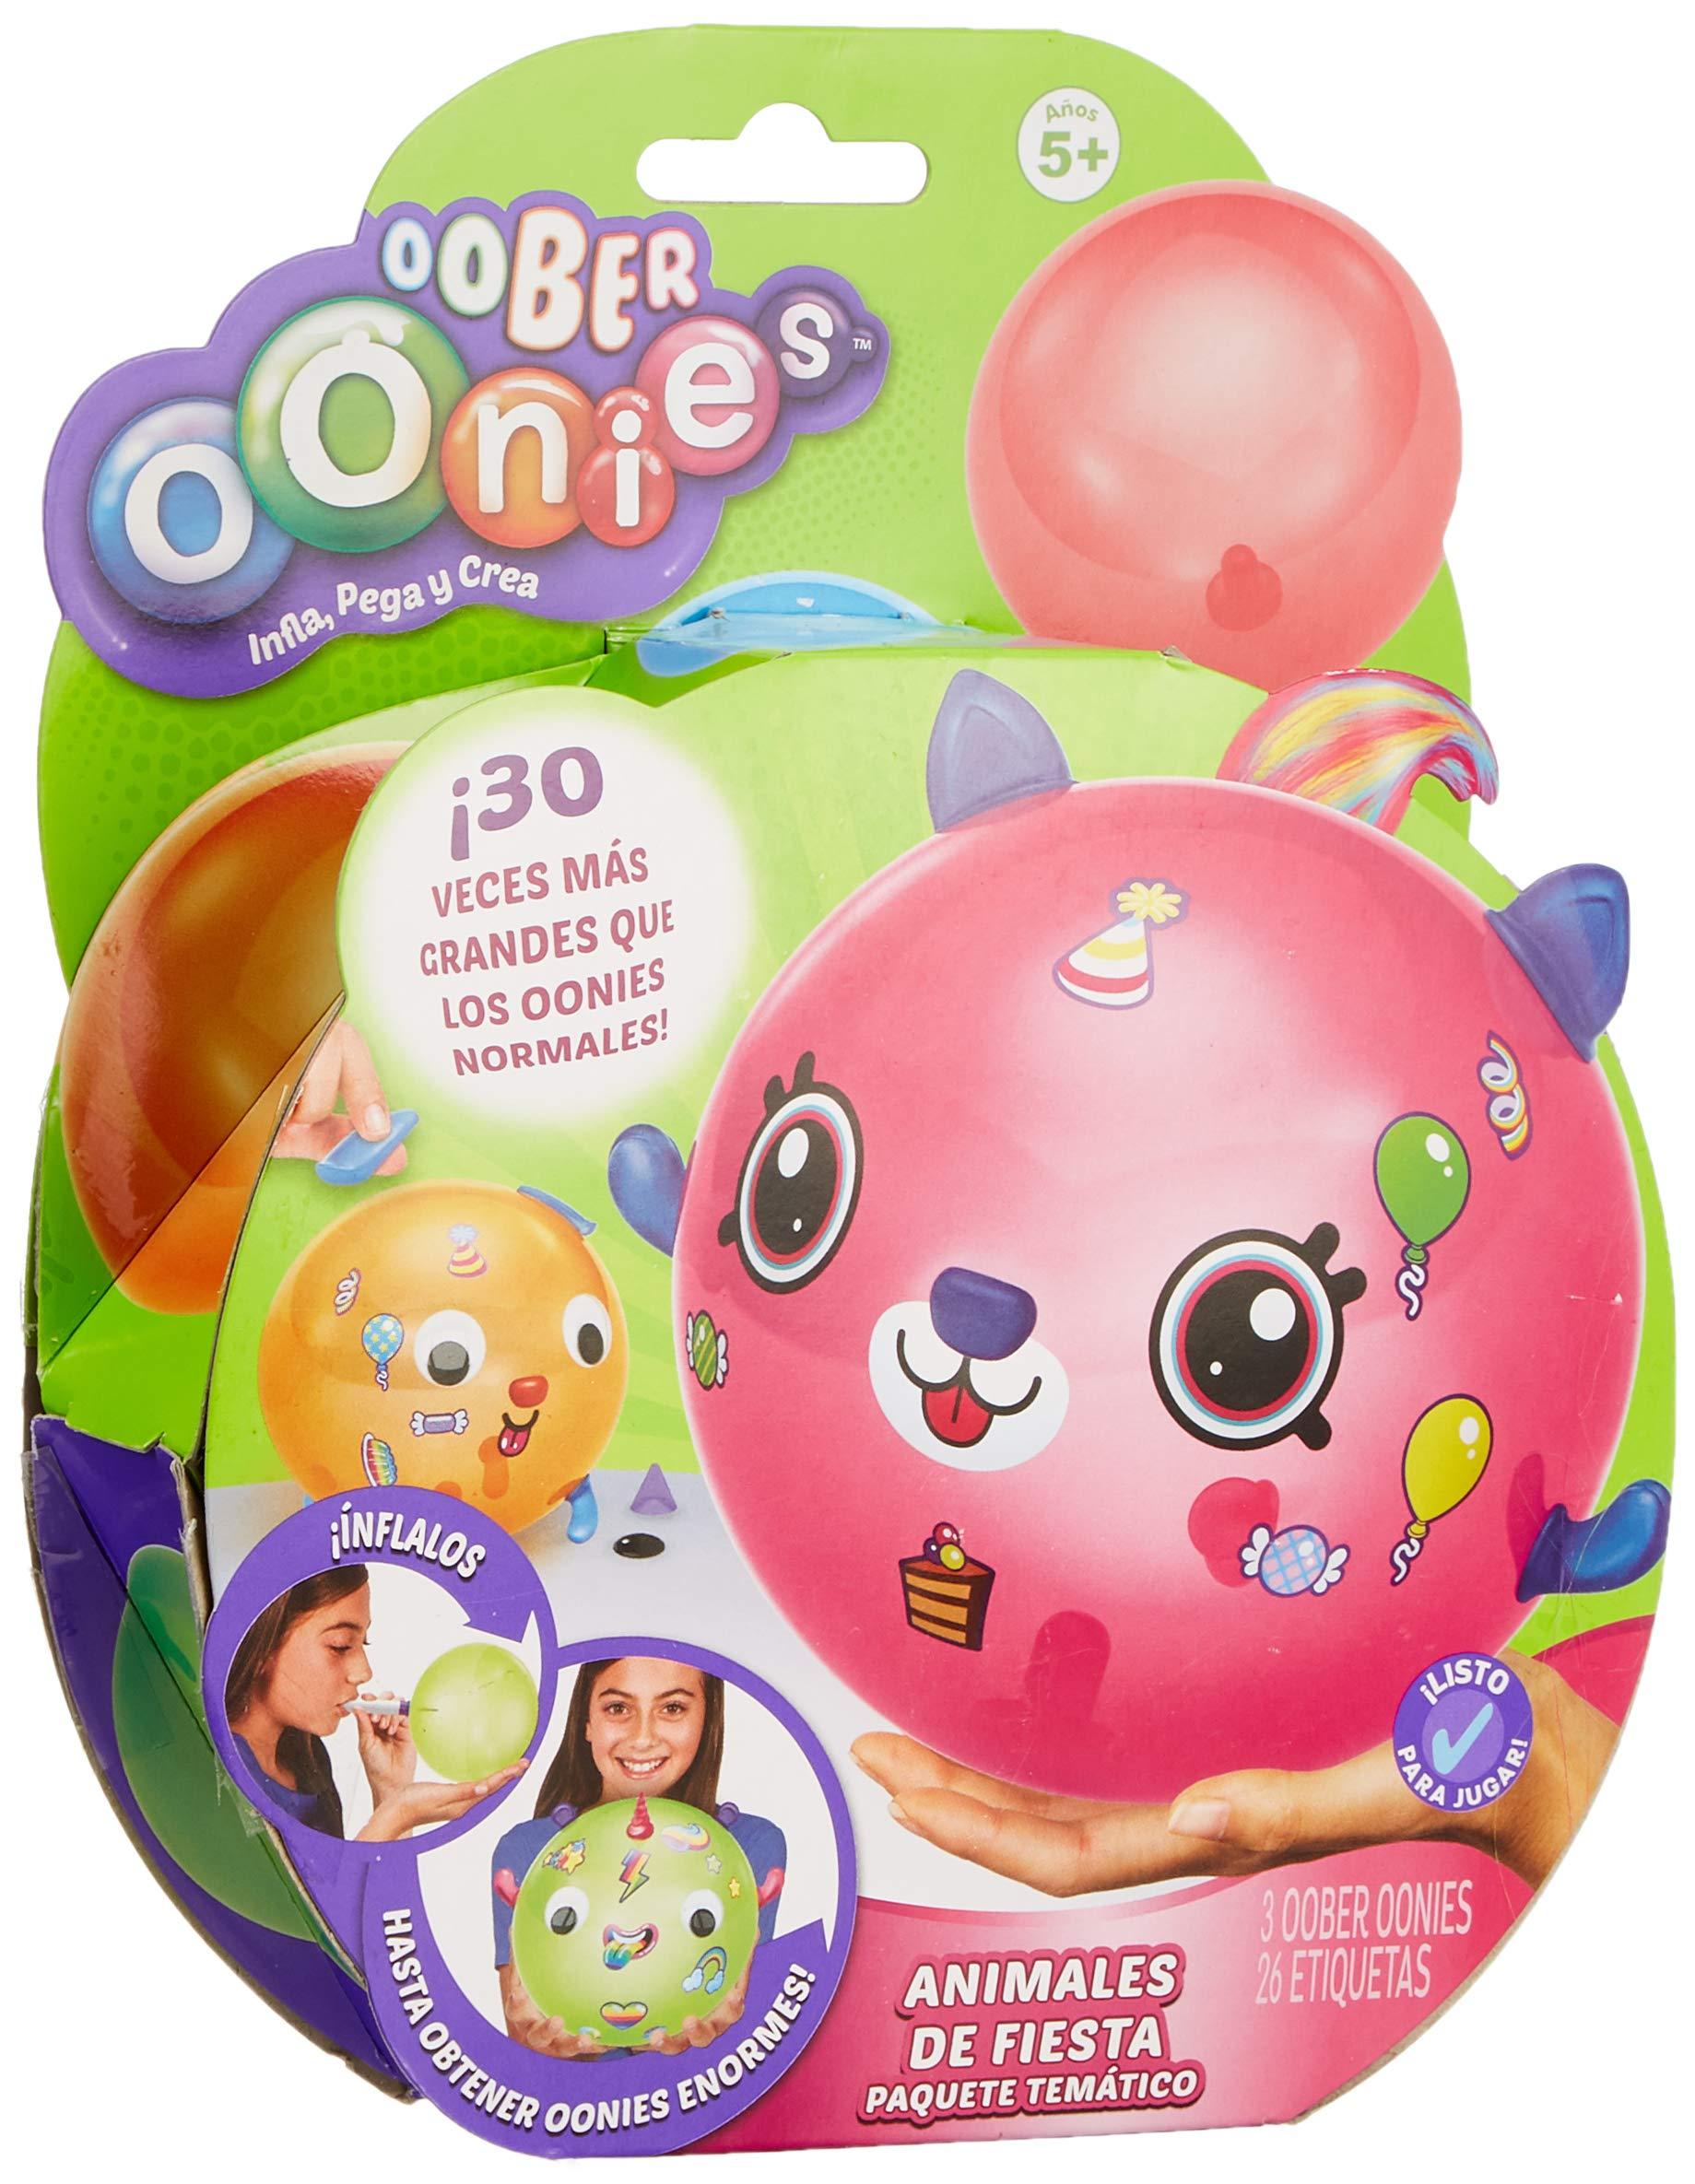 Oonies - Repuestos De Globos Y Accesorios (Famosa 700014705) , color/modelo surtido: Amazon.es: Juguetes y juegos